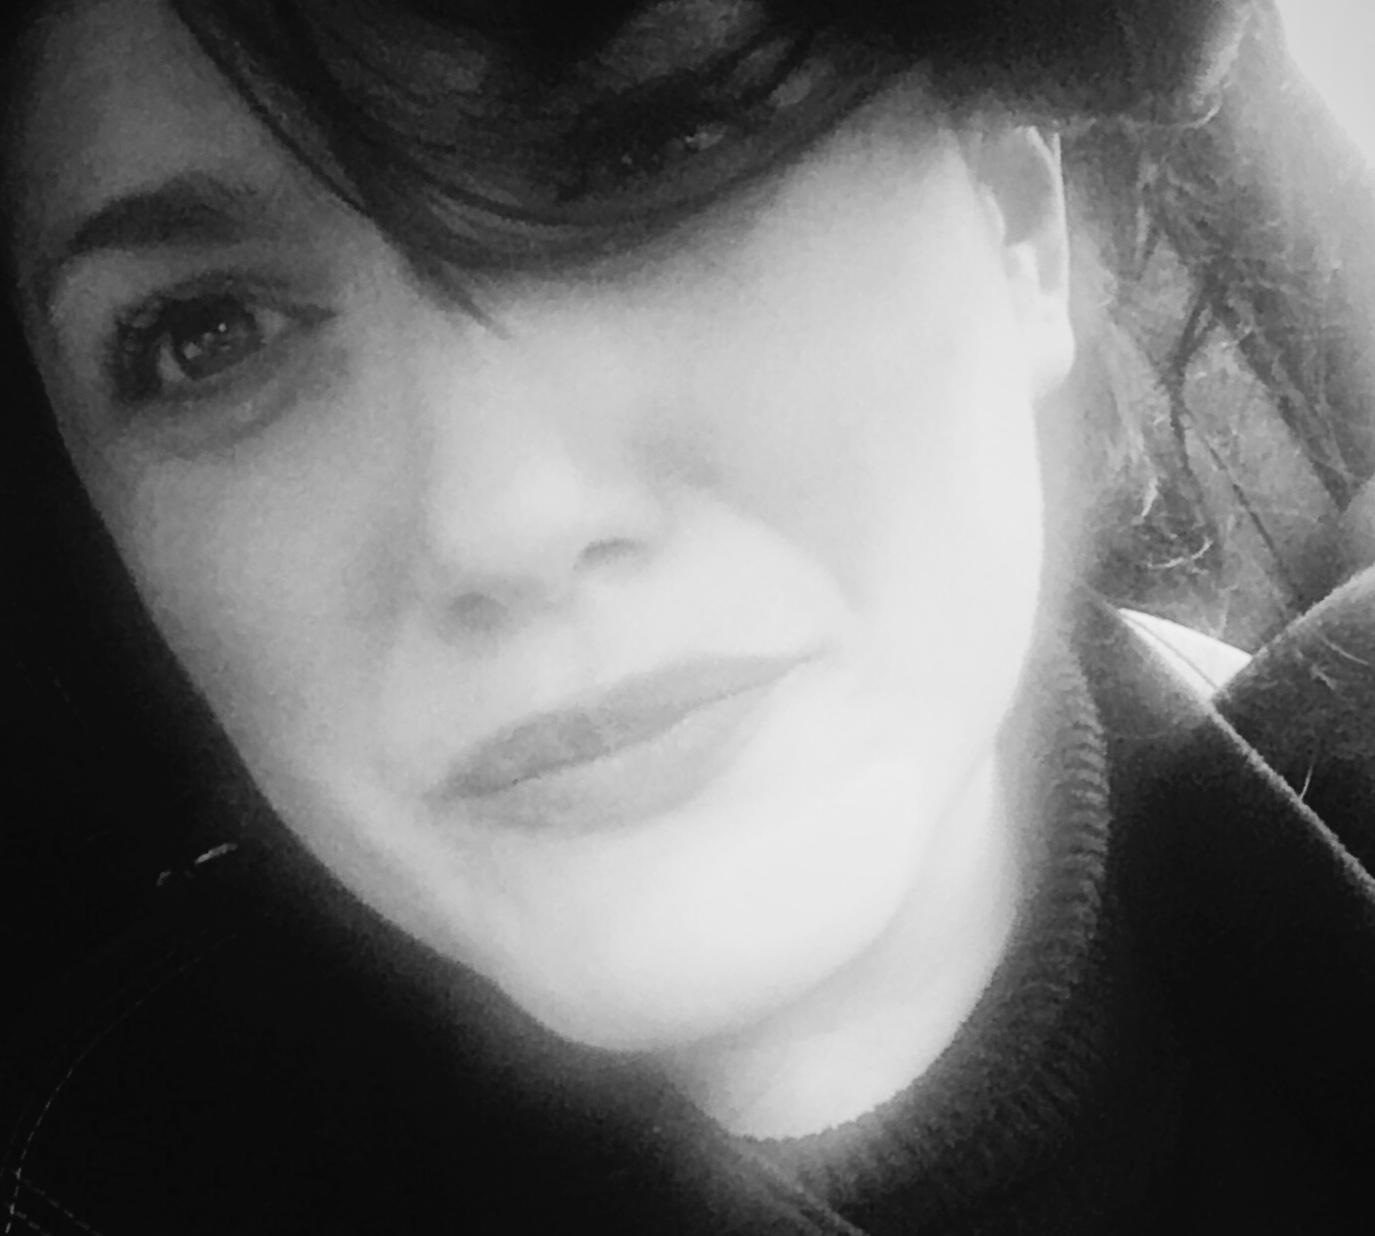 L'esilio è una prova di resistenza – Francesca Marica